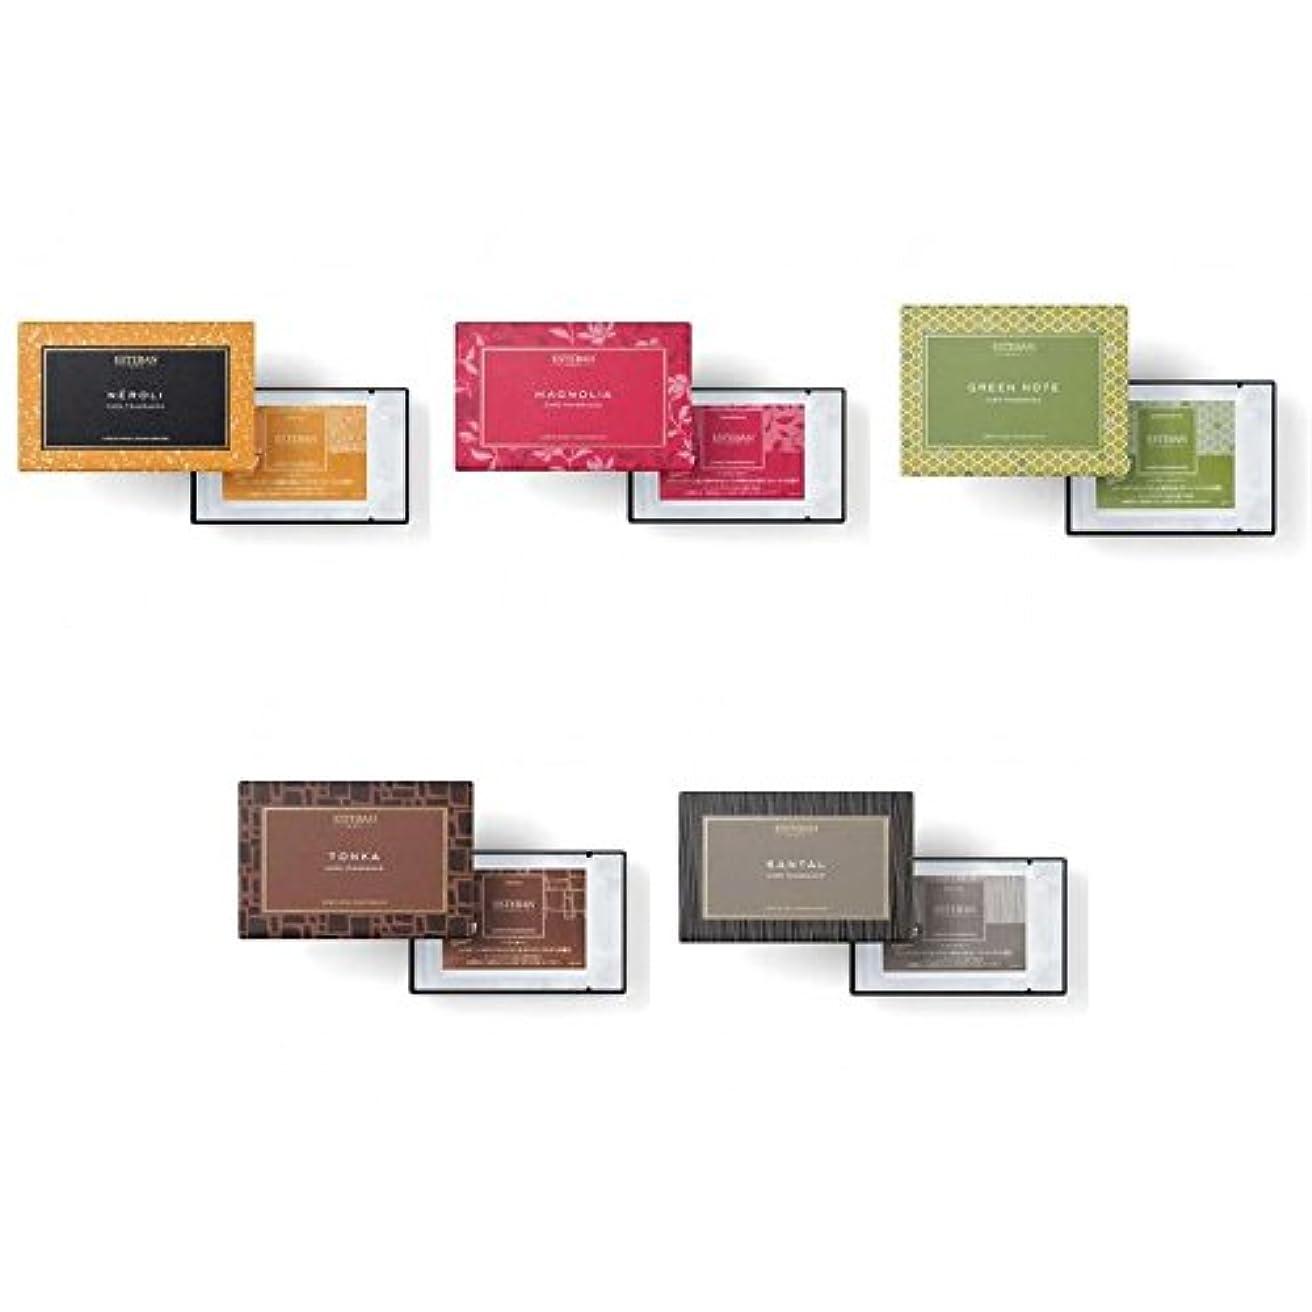 メロディアス美的国家エステバン カードフレグランス 5種セット